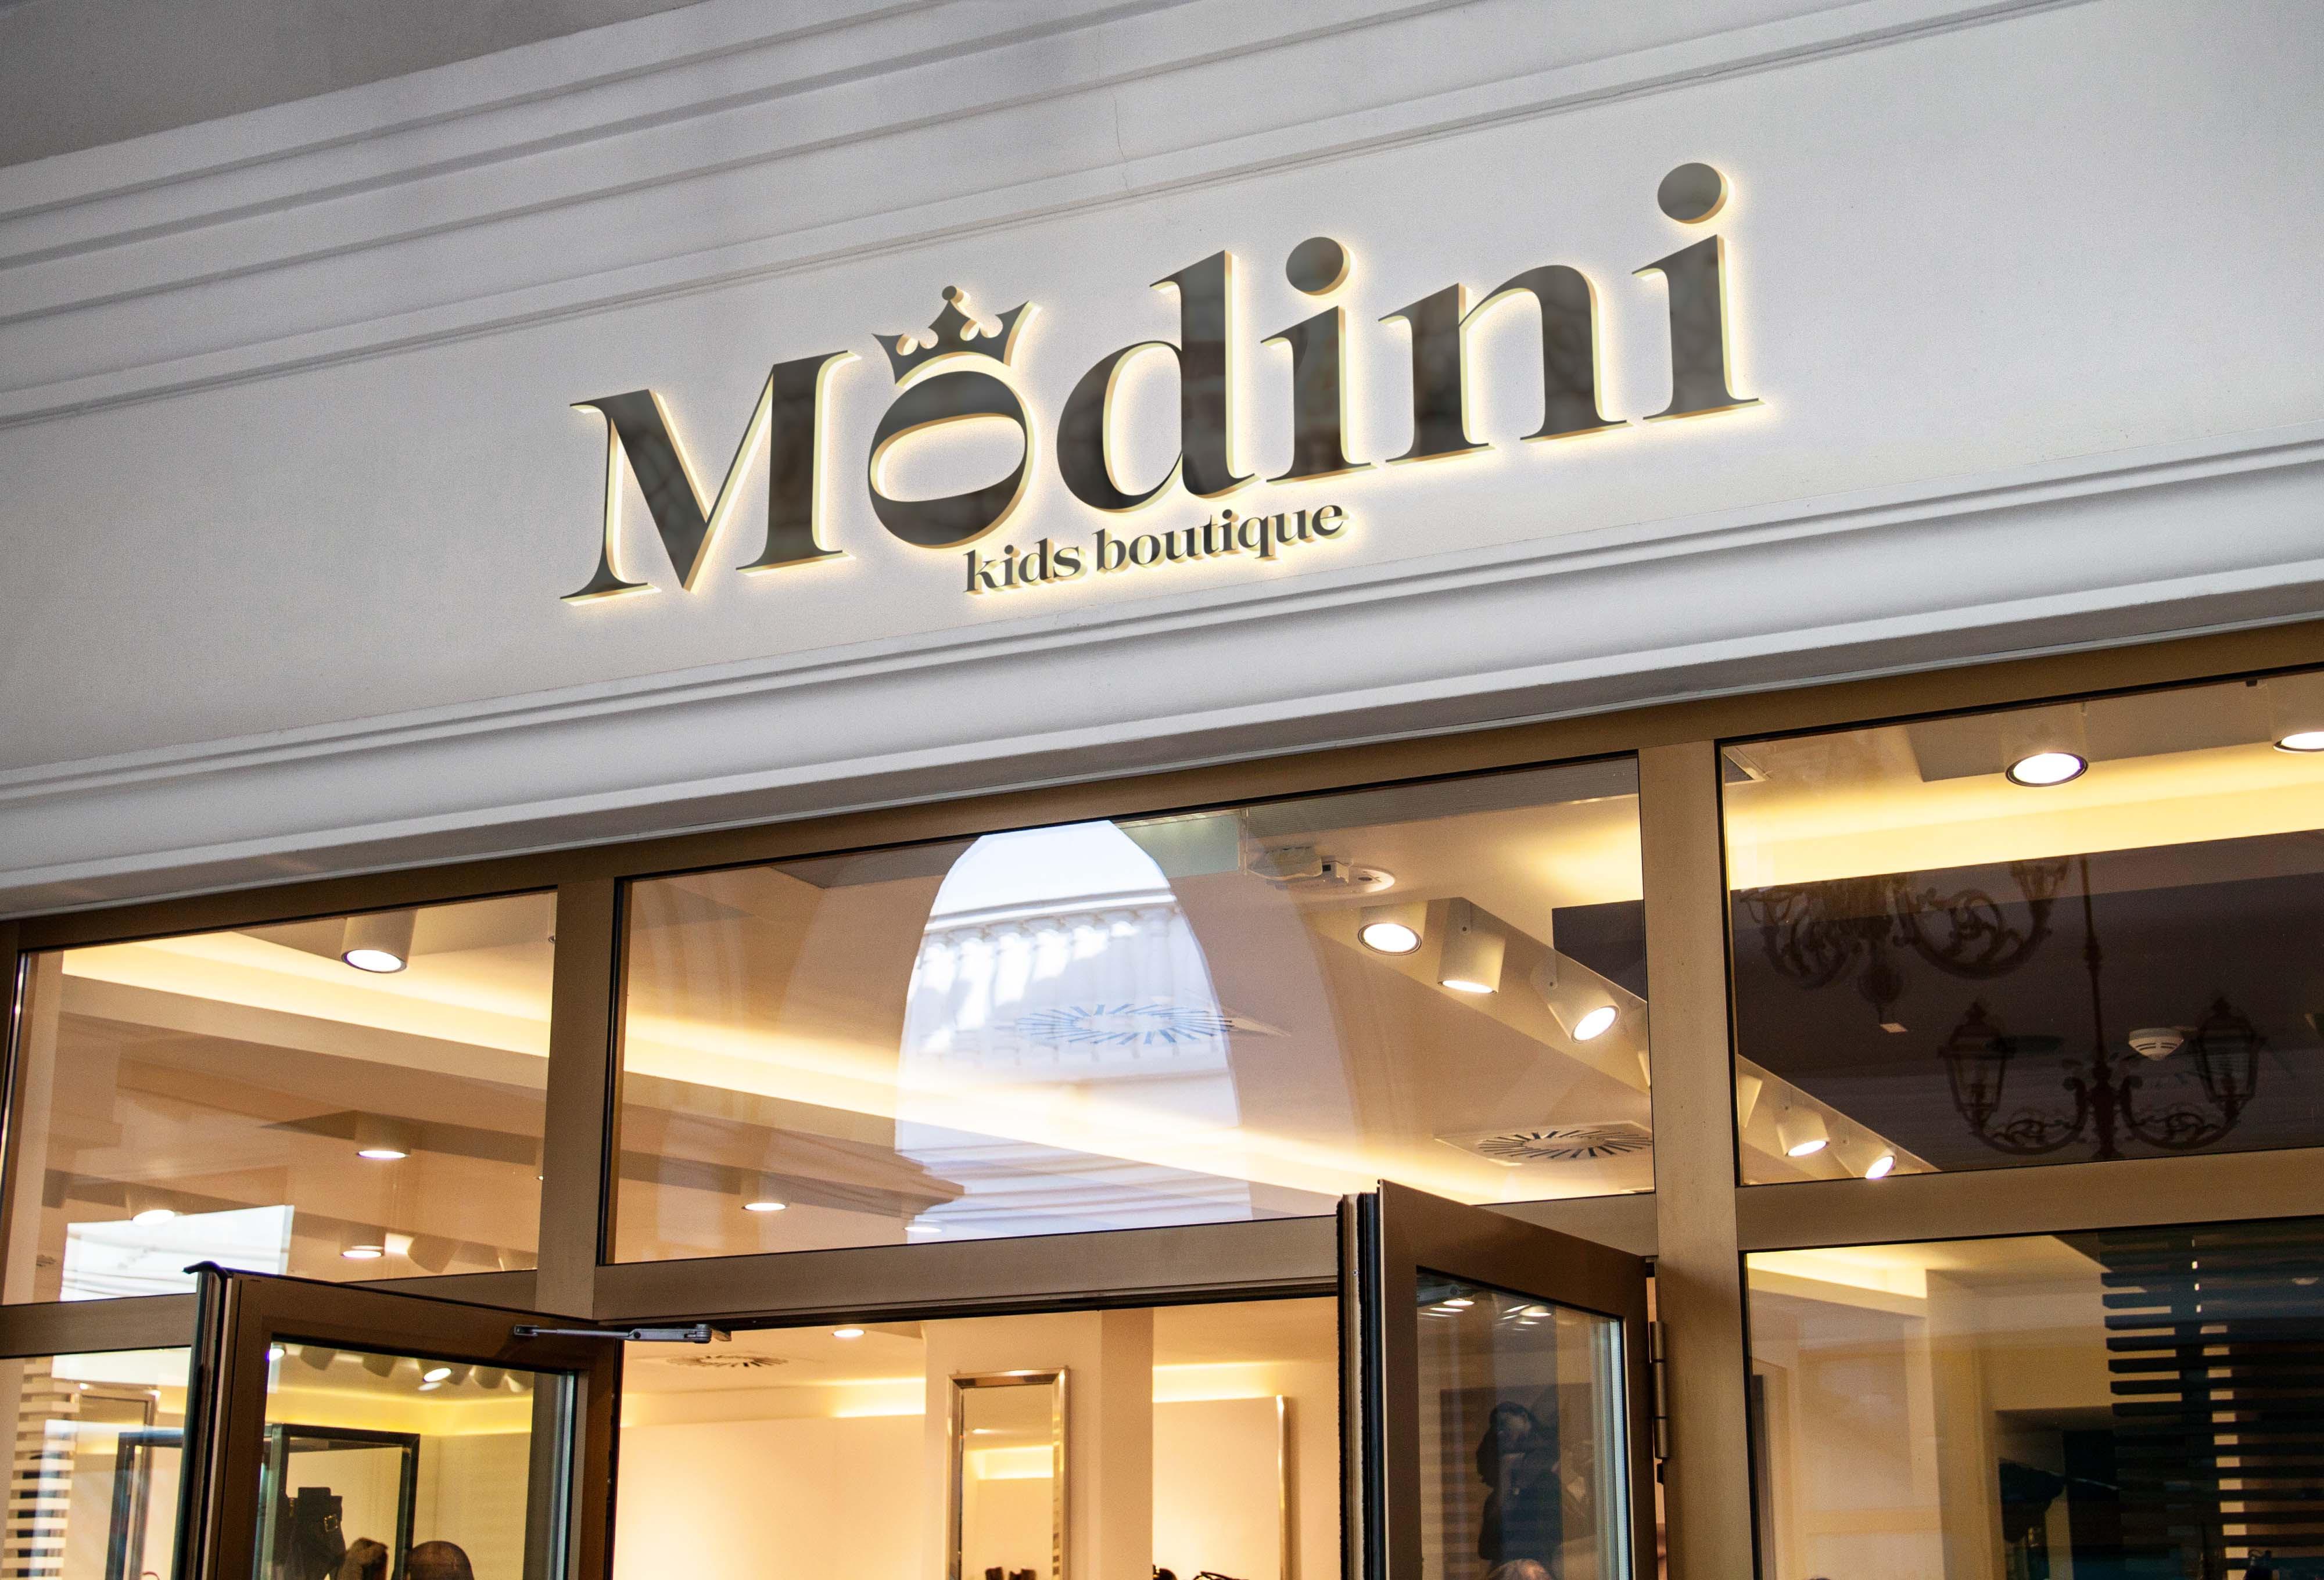 3015ac50a35d Название и фирменный стиль для магазина детской одежды Modini